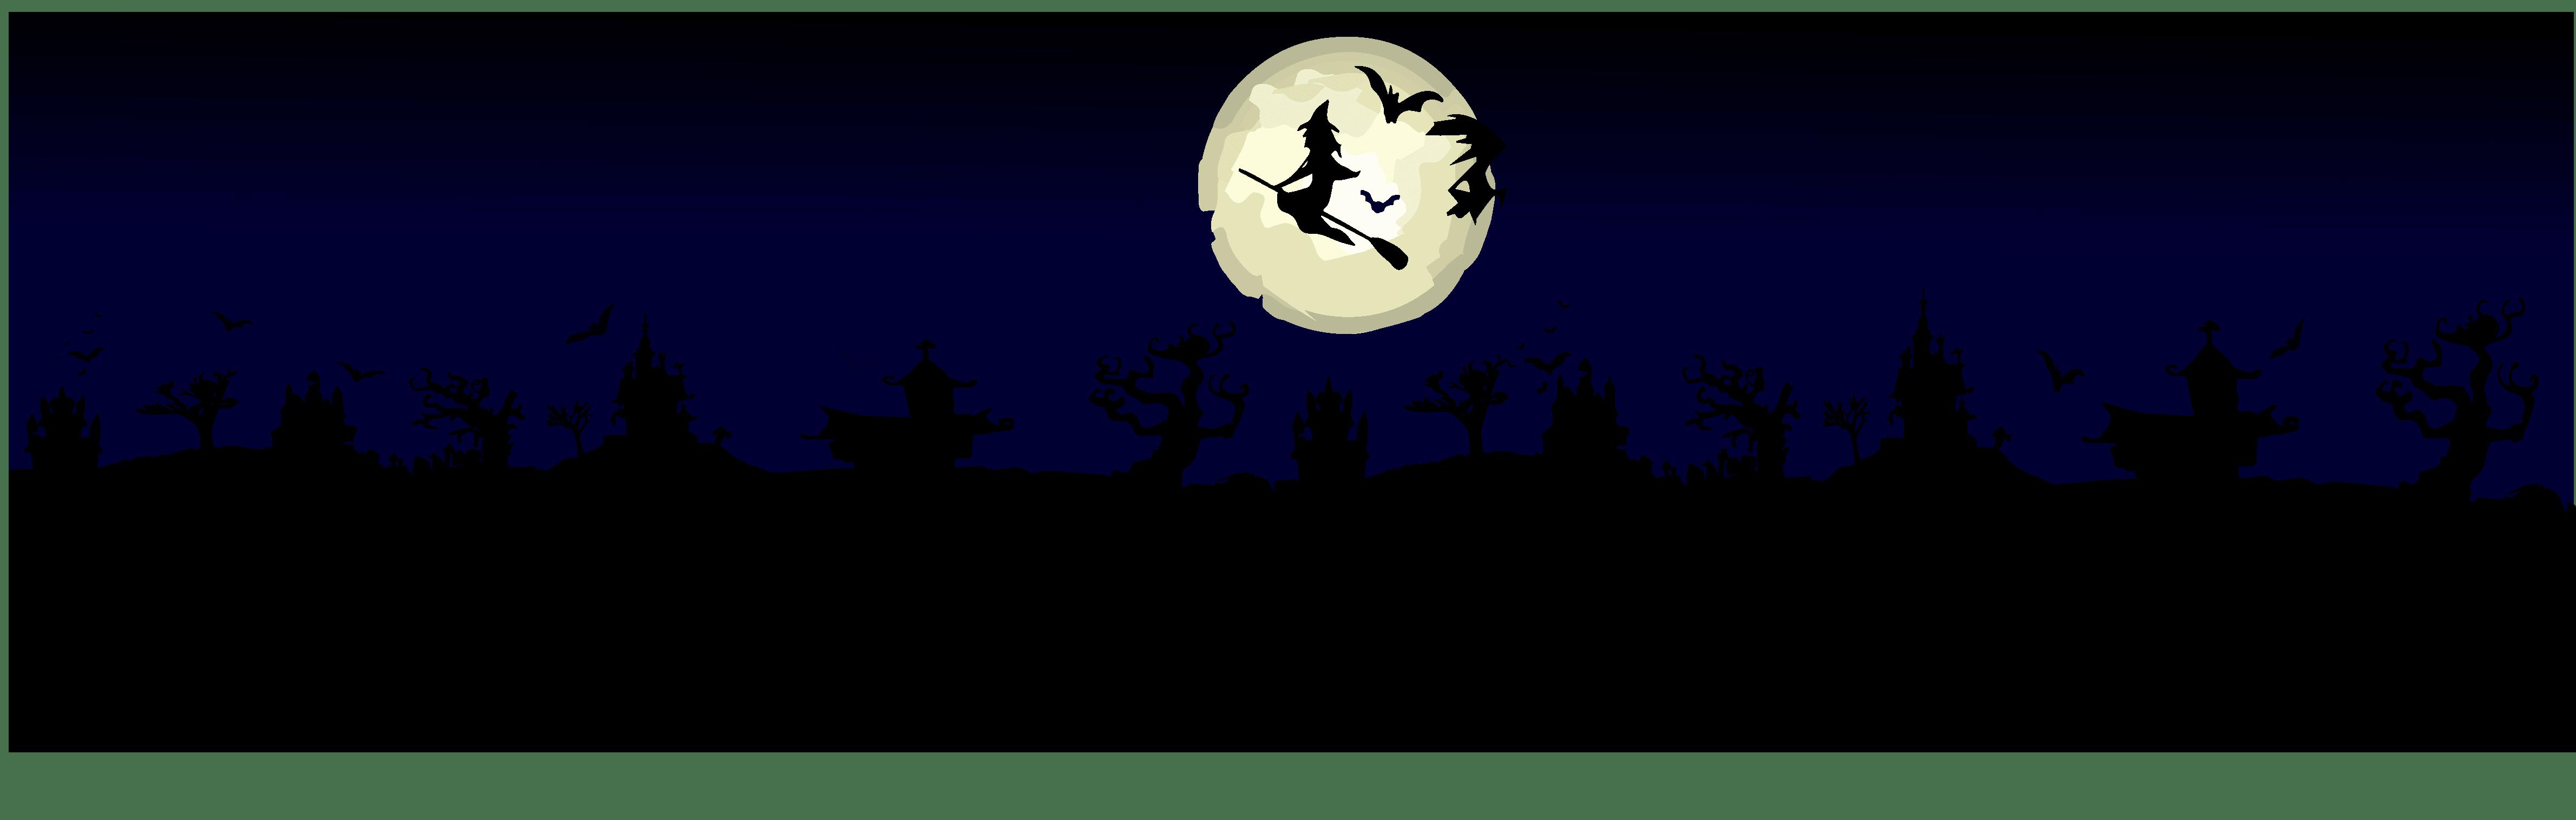 Halloween Full Moon The Darkest Background